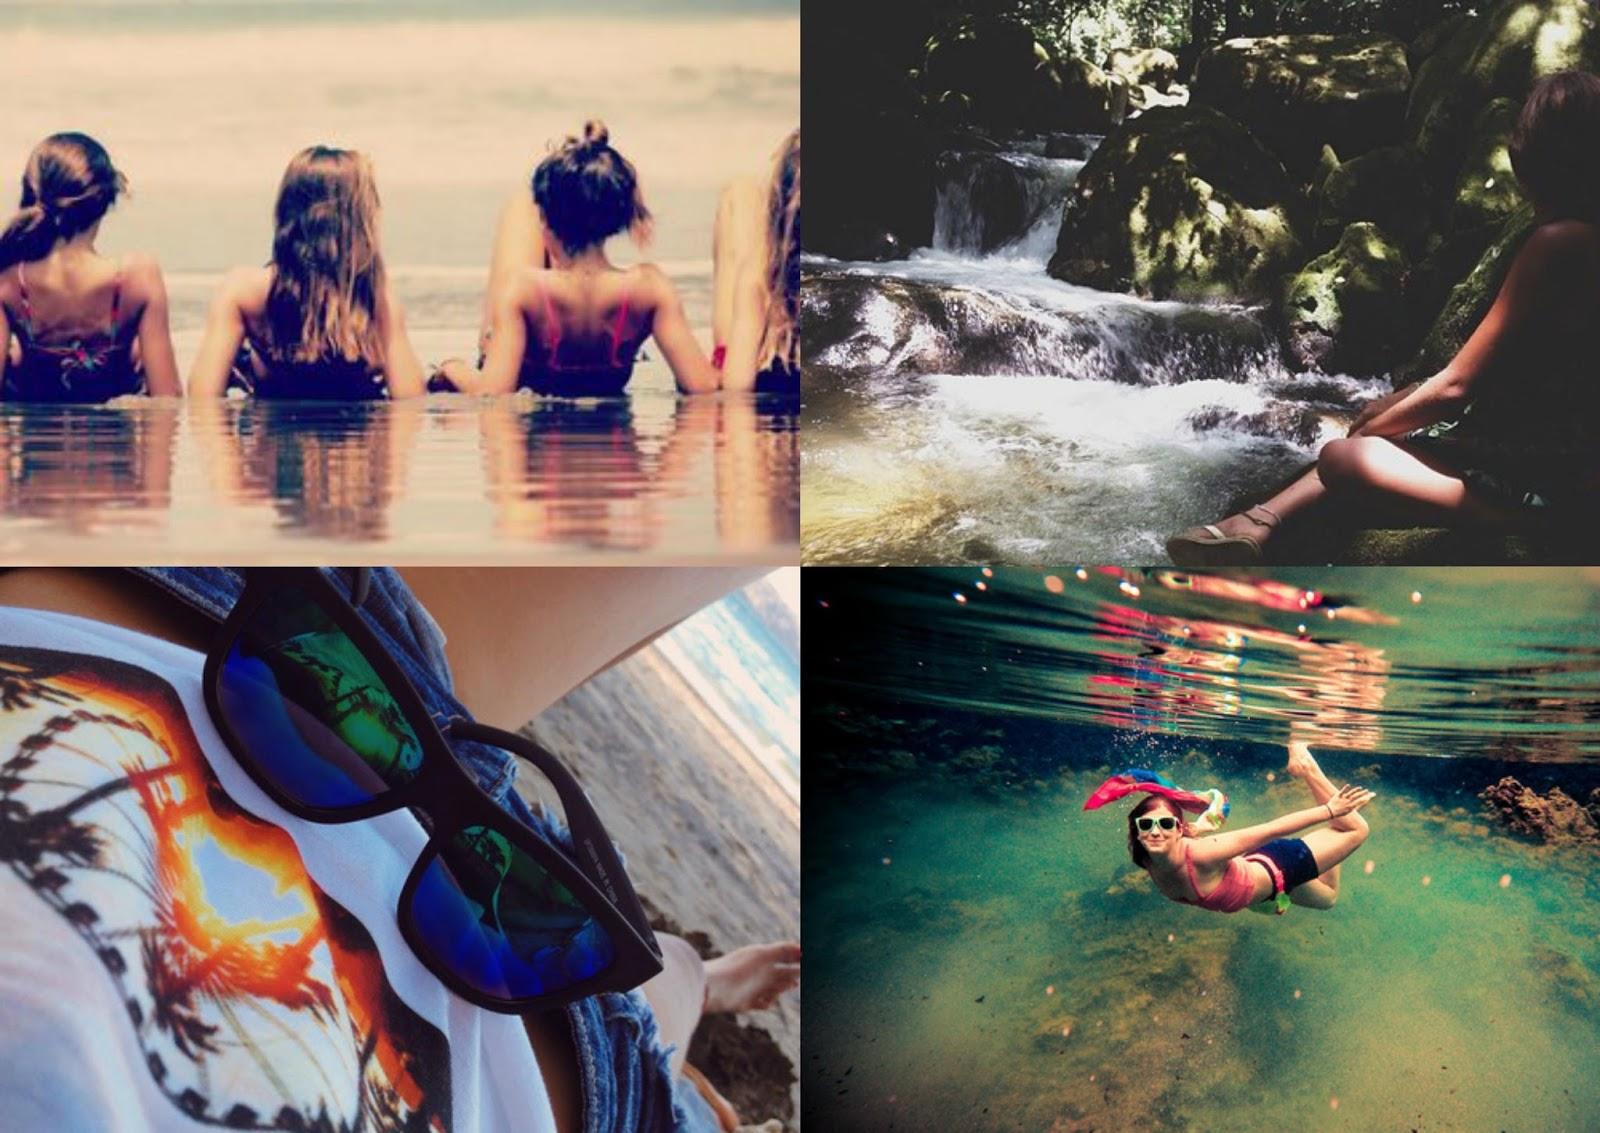 Inspiração para tirar fotos no verão #4